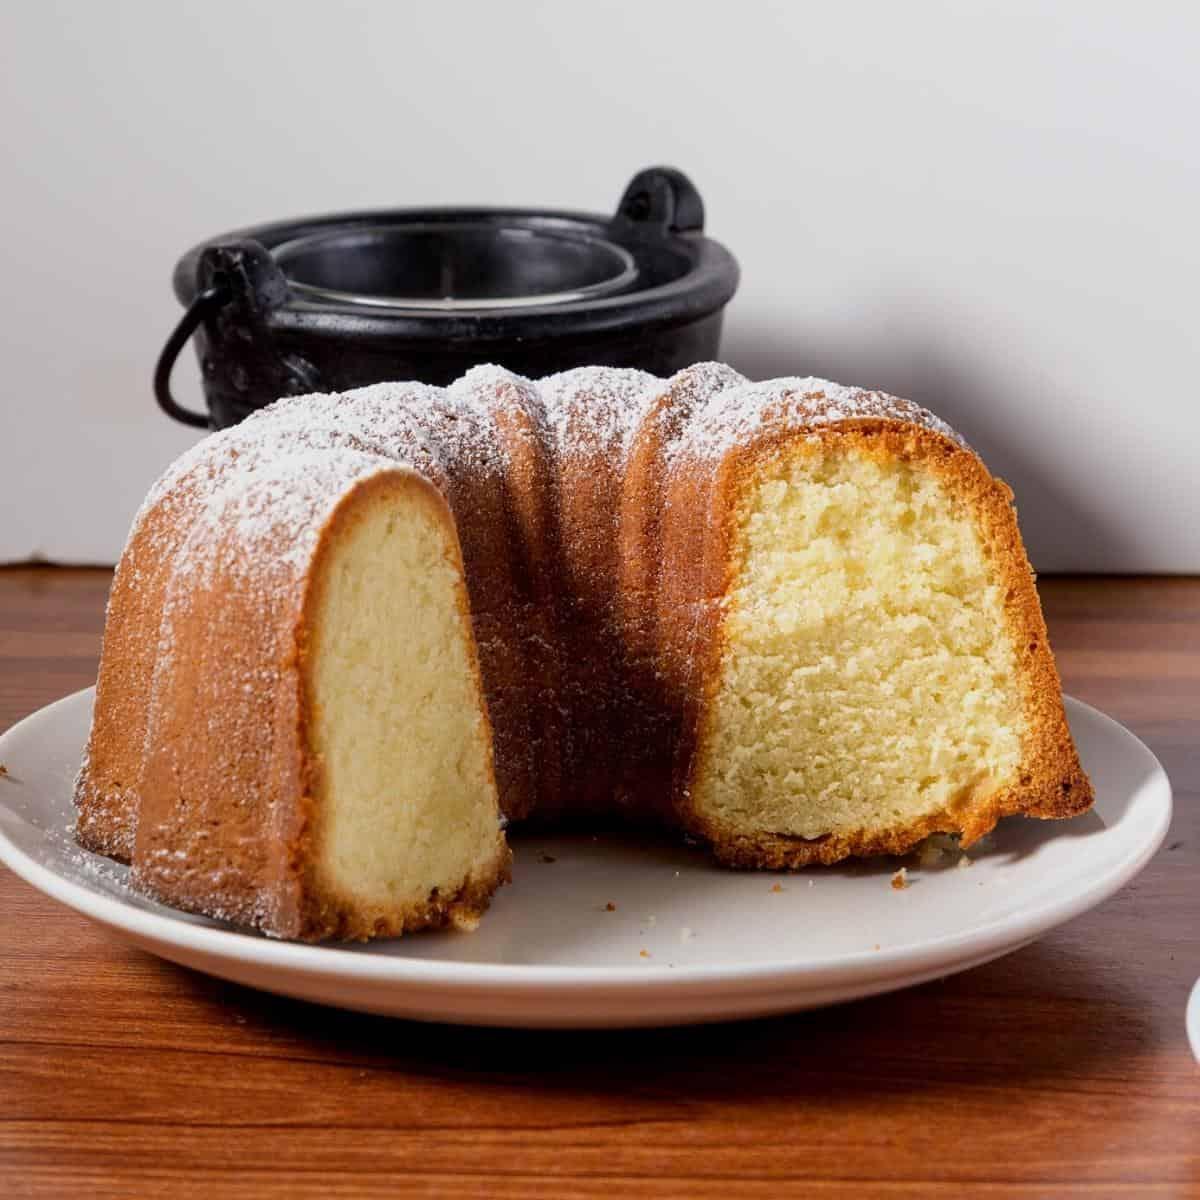 a bundt cake on a plate.